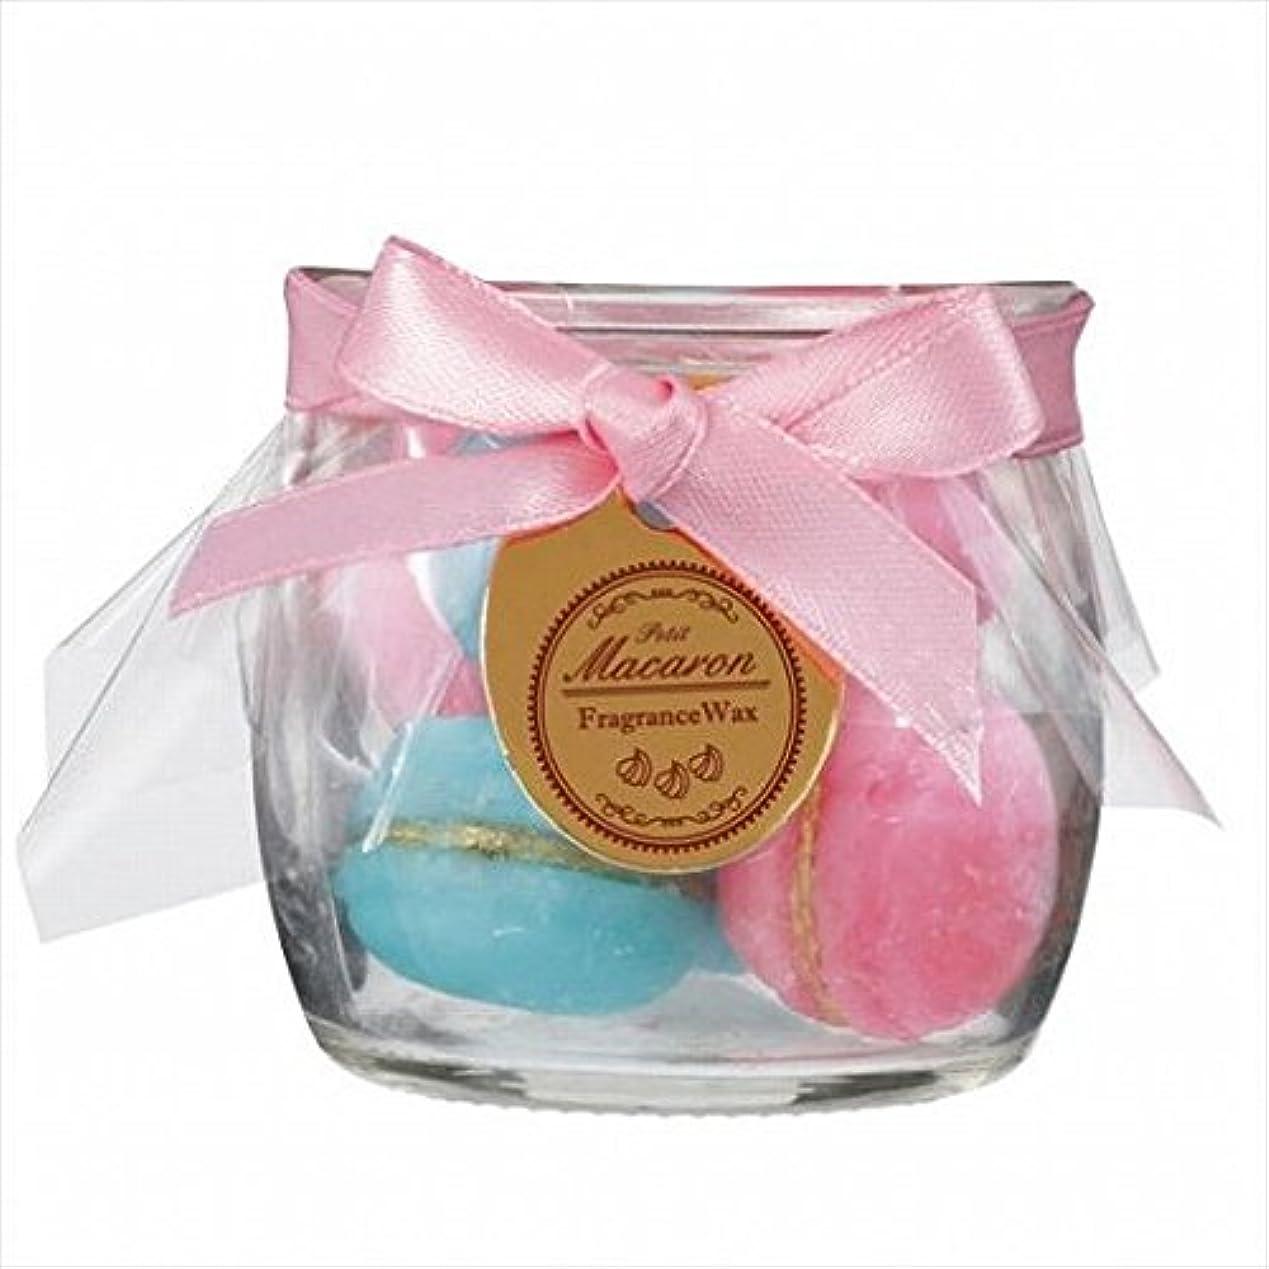 あらゆる種類の火星批判sweets candle(スイーツキャンドル) プチマカロンフレグランス 「 ピーチ 」 キャンドル 60x60x56mm (A3160540)